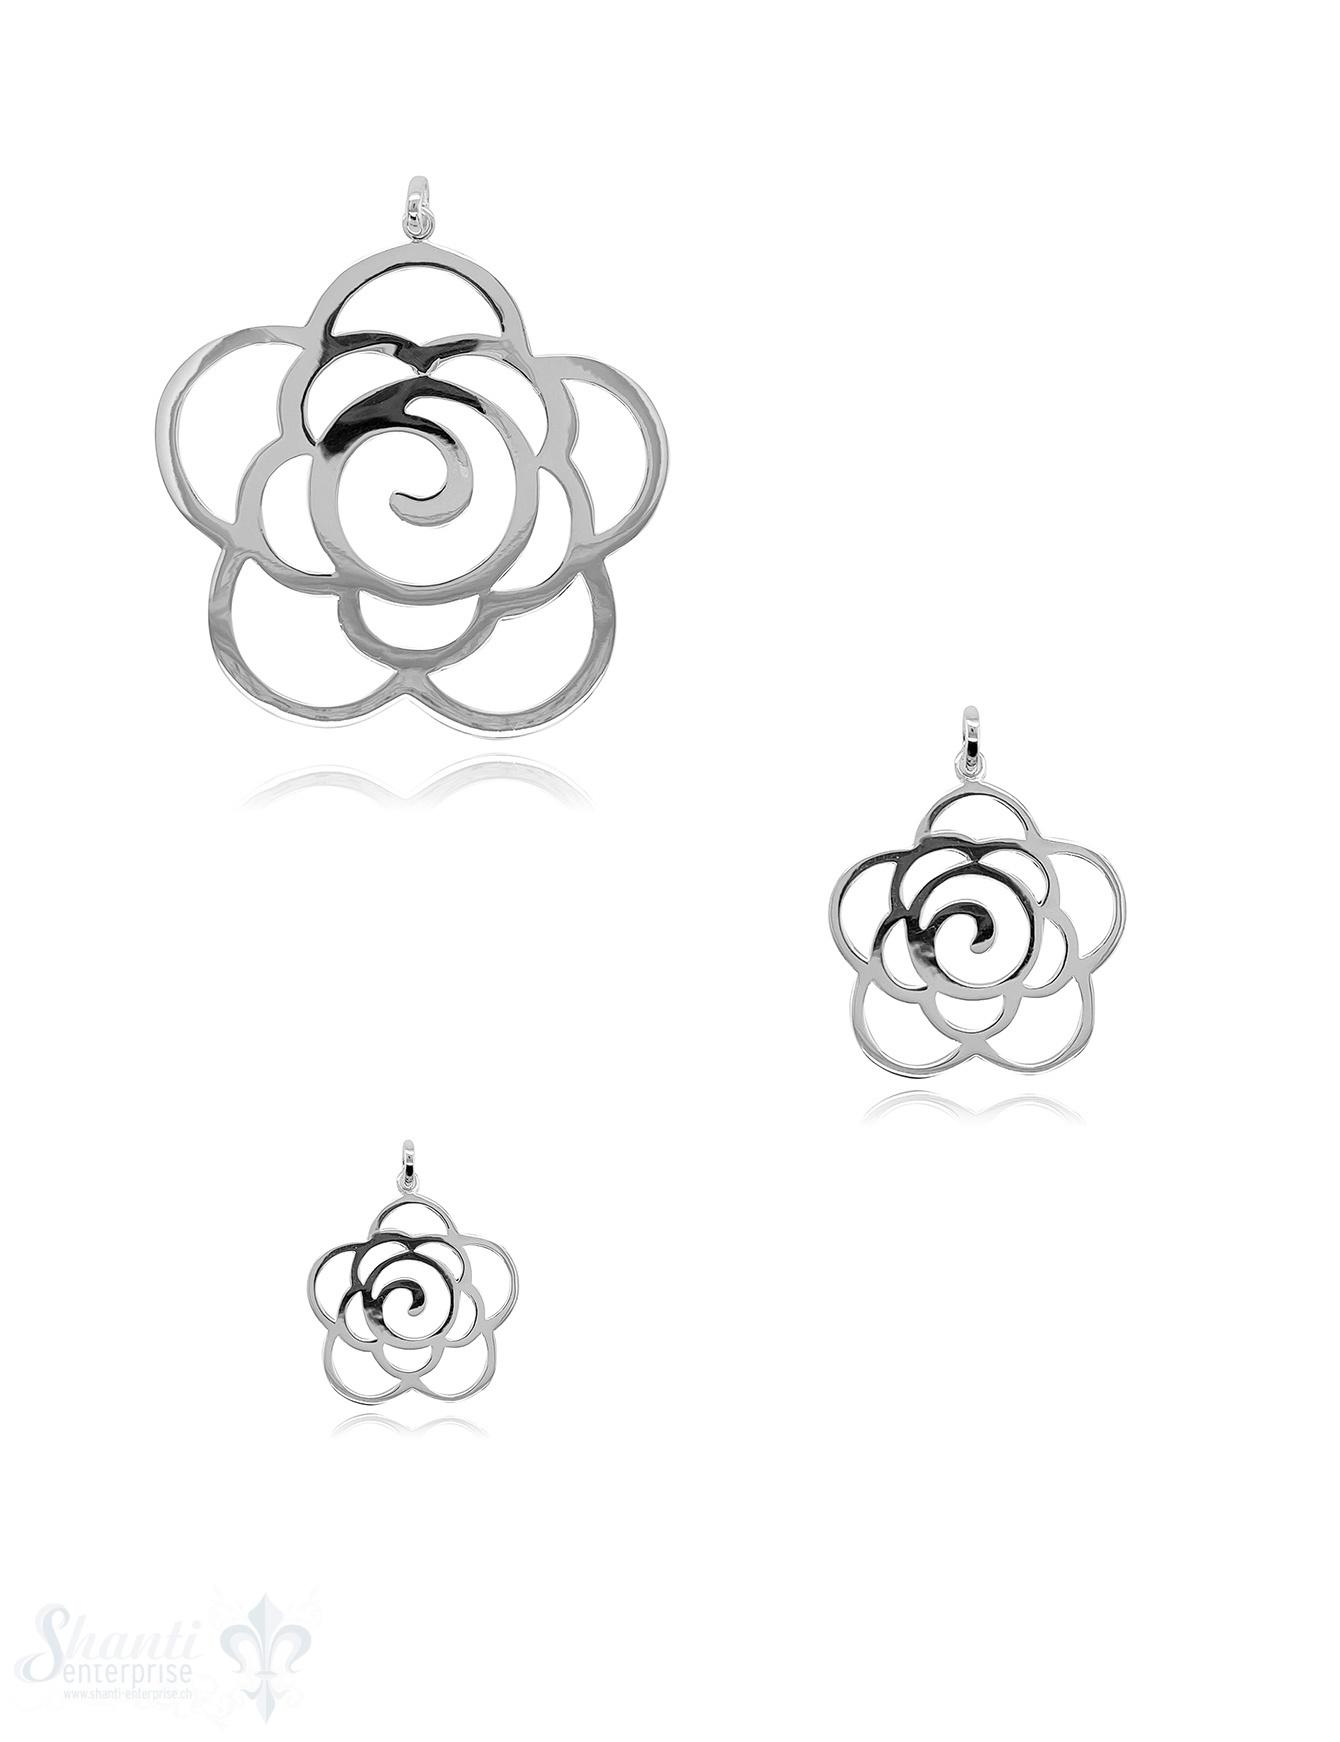 Blumen Anhänger Silber durchbrochen mit Öse